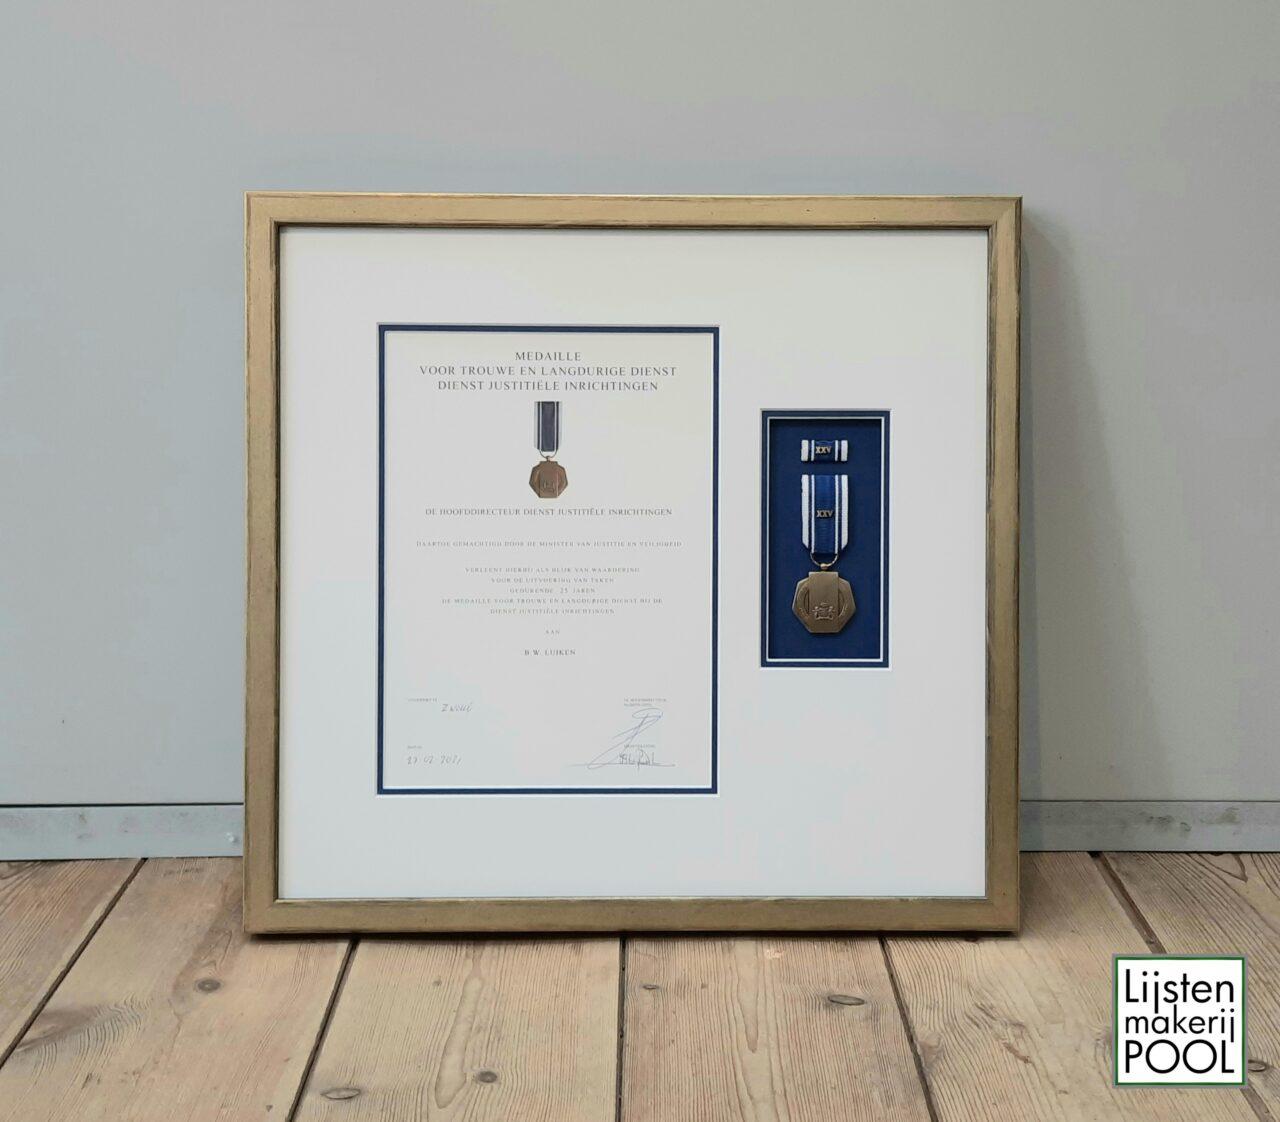 Verdiept ingelijste medaille met oorkonde. Inlijsten lintje, medaille, oorkonde, Lijstenmakerij Pool Elburg.